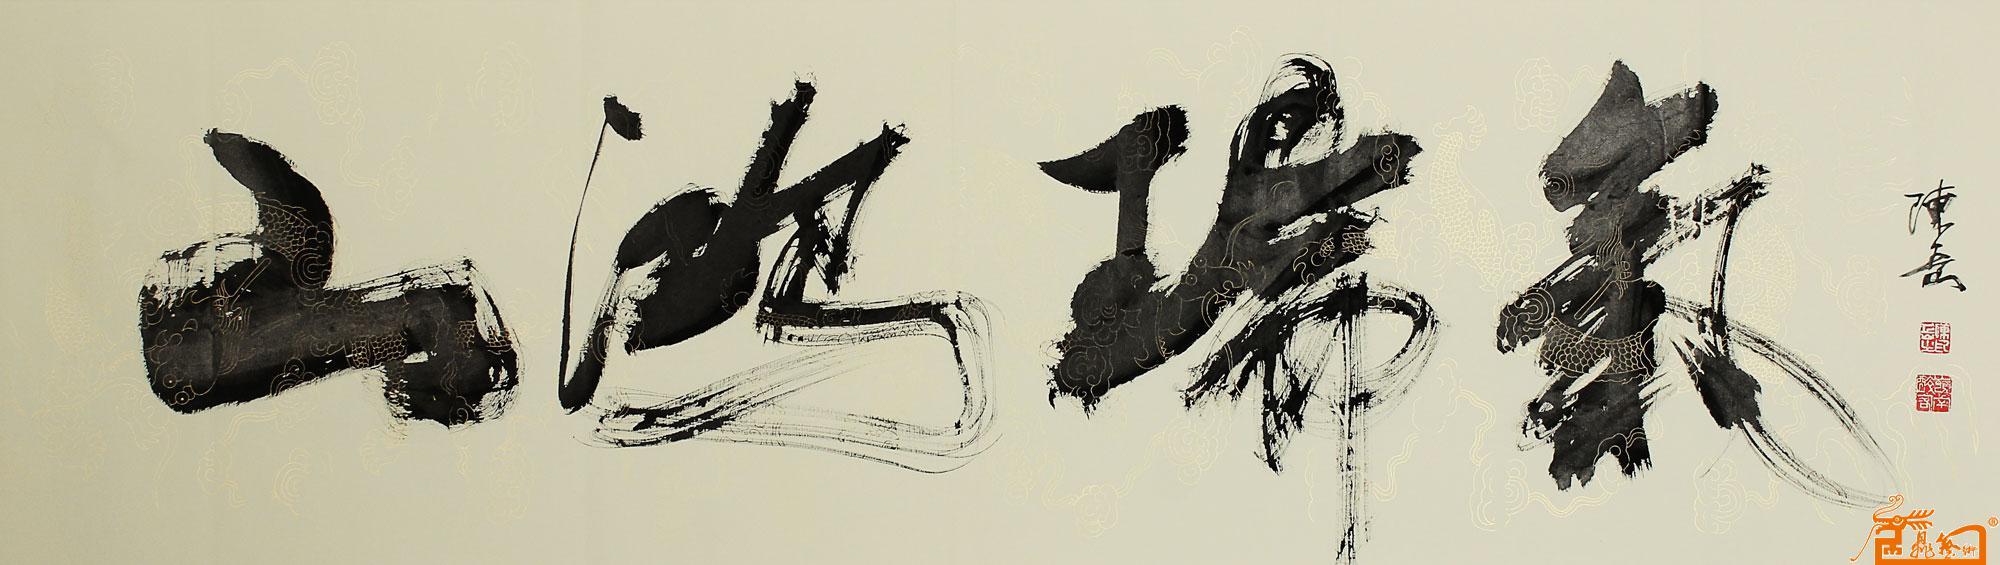 书法名家 陈岳 - 作品169图片